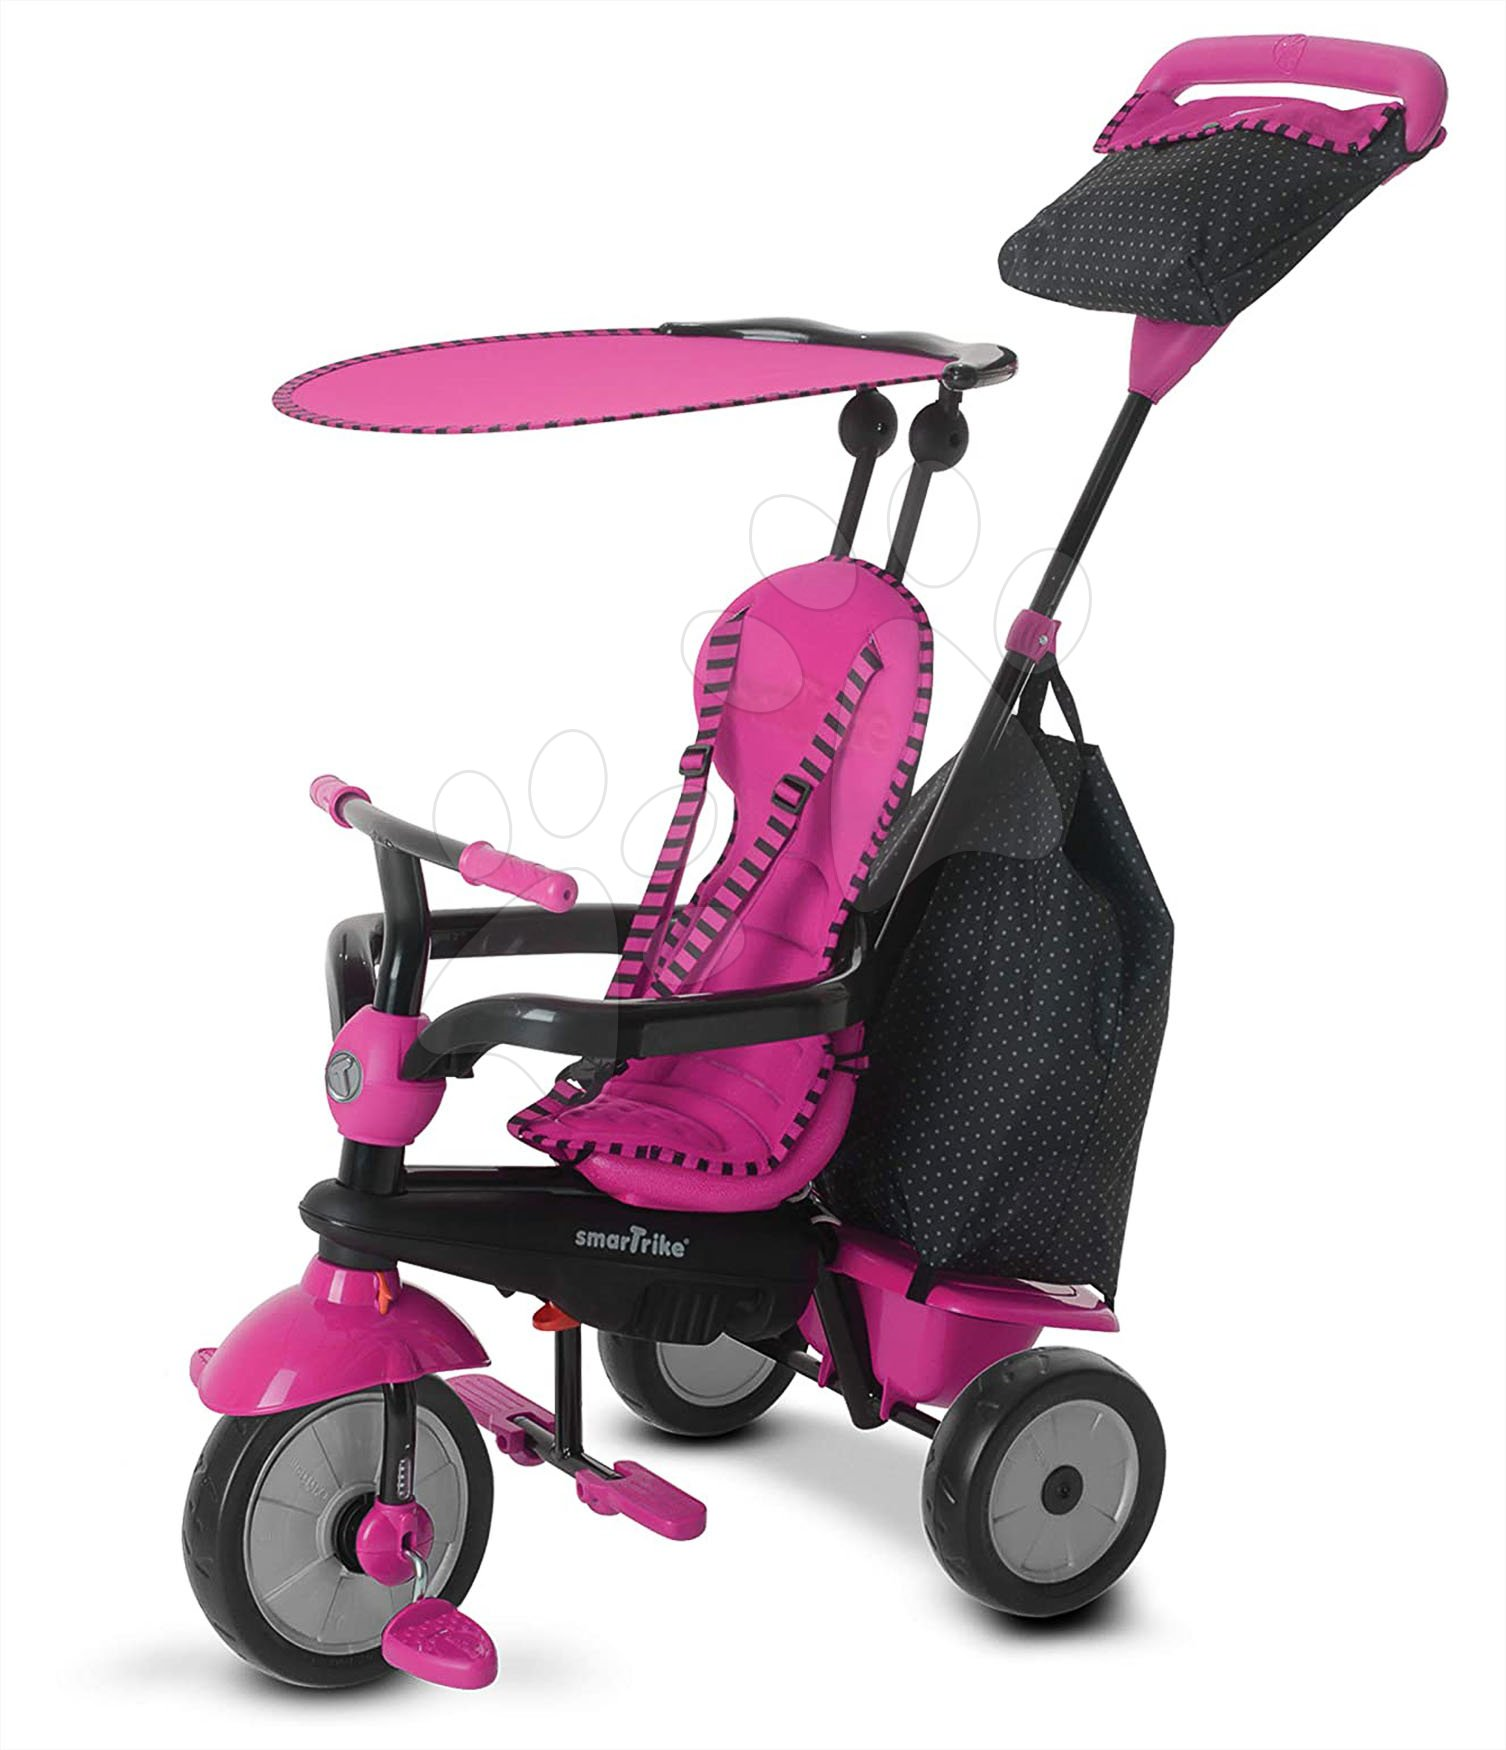 Trojkolky od 10 mesiacov - Trojkolka Glow 4v1 Touch Steering Black&Pink smarTrike ružovo-čierna od 10 mes